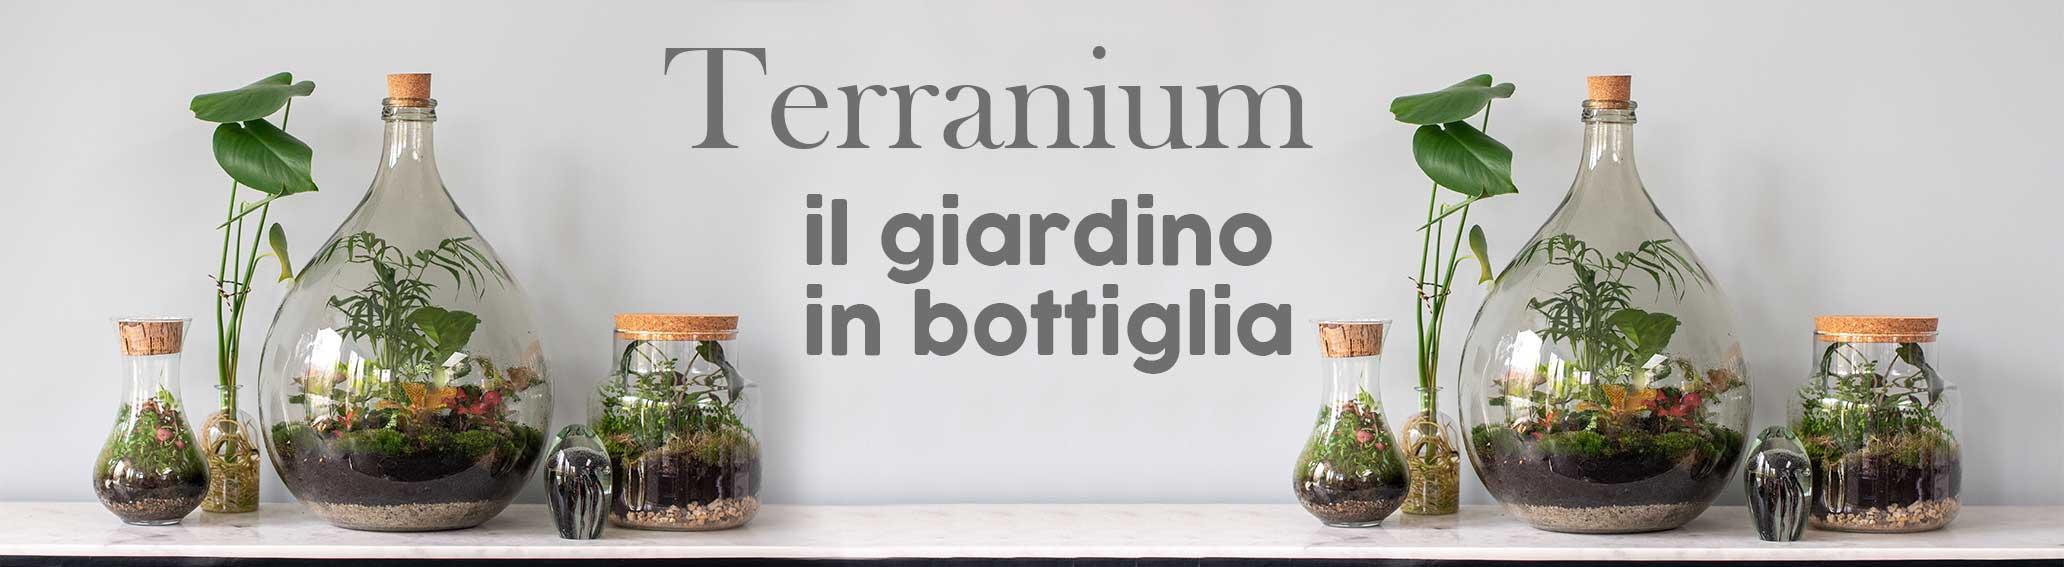 Terranium Piante in Vetro Online